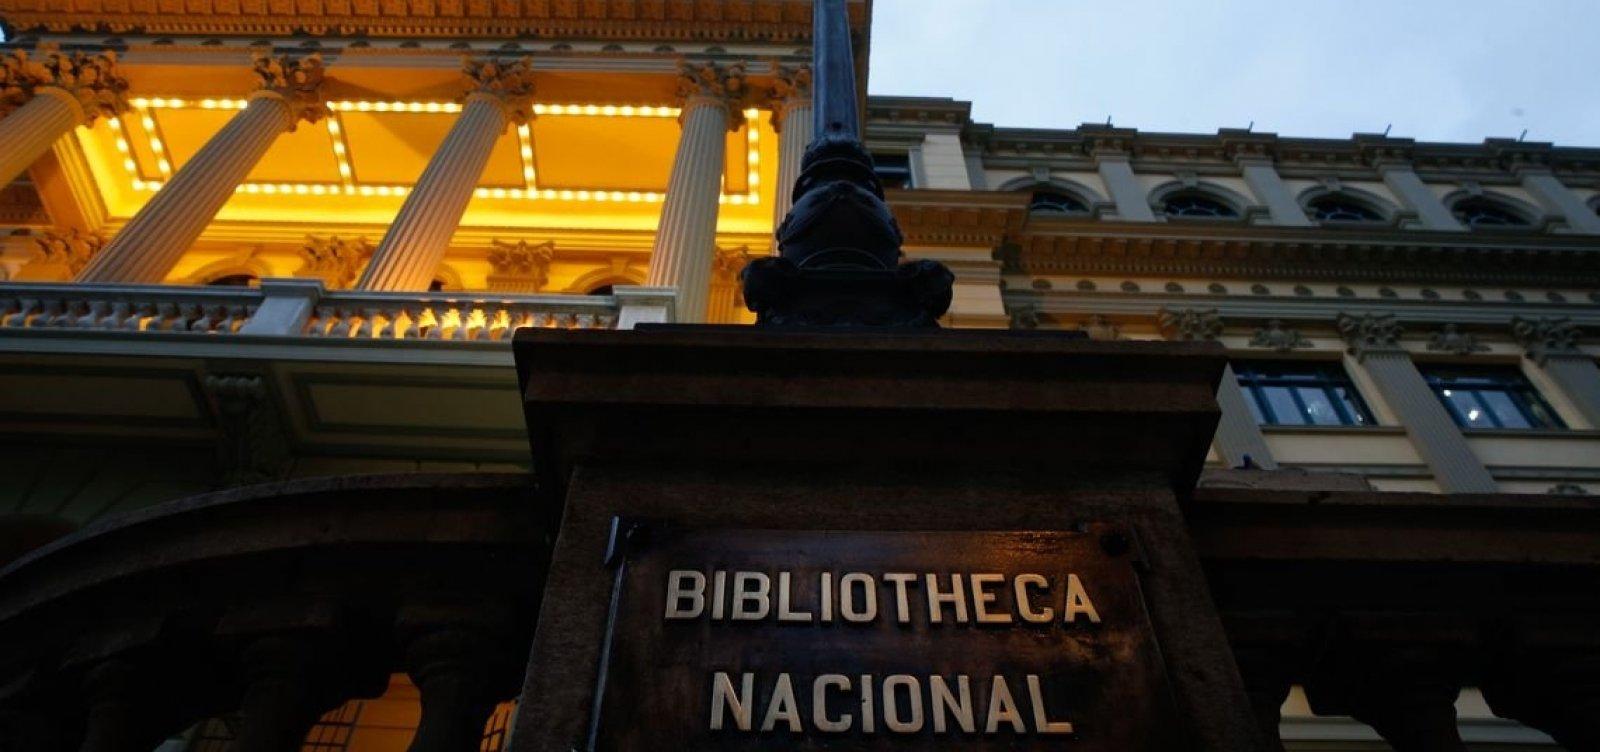 [Governo nomeia novos presidentes da Funarte e da Biblioteca Nacional]